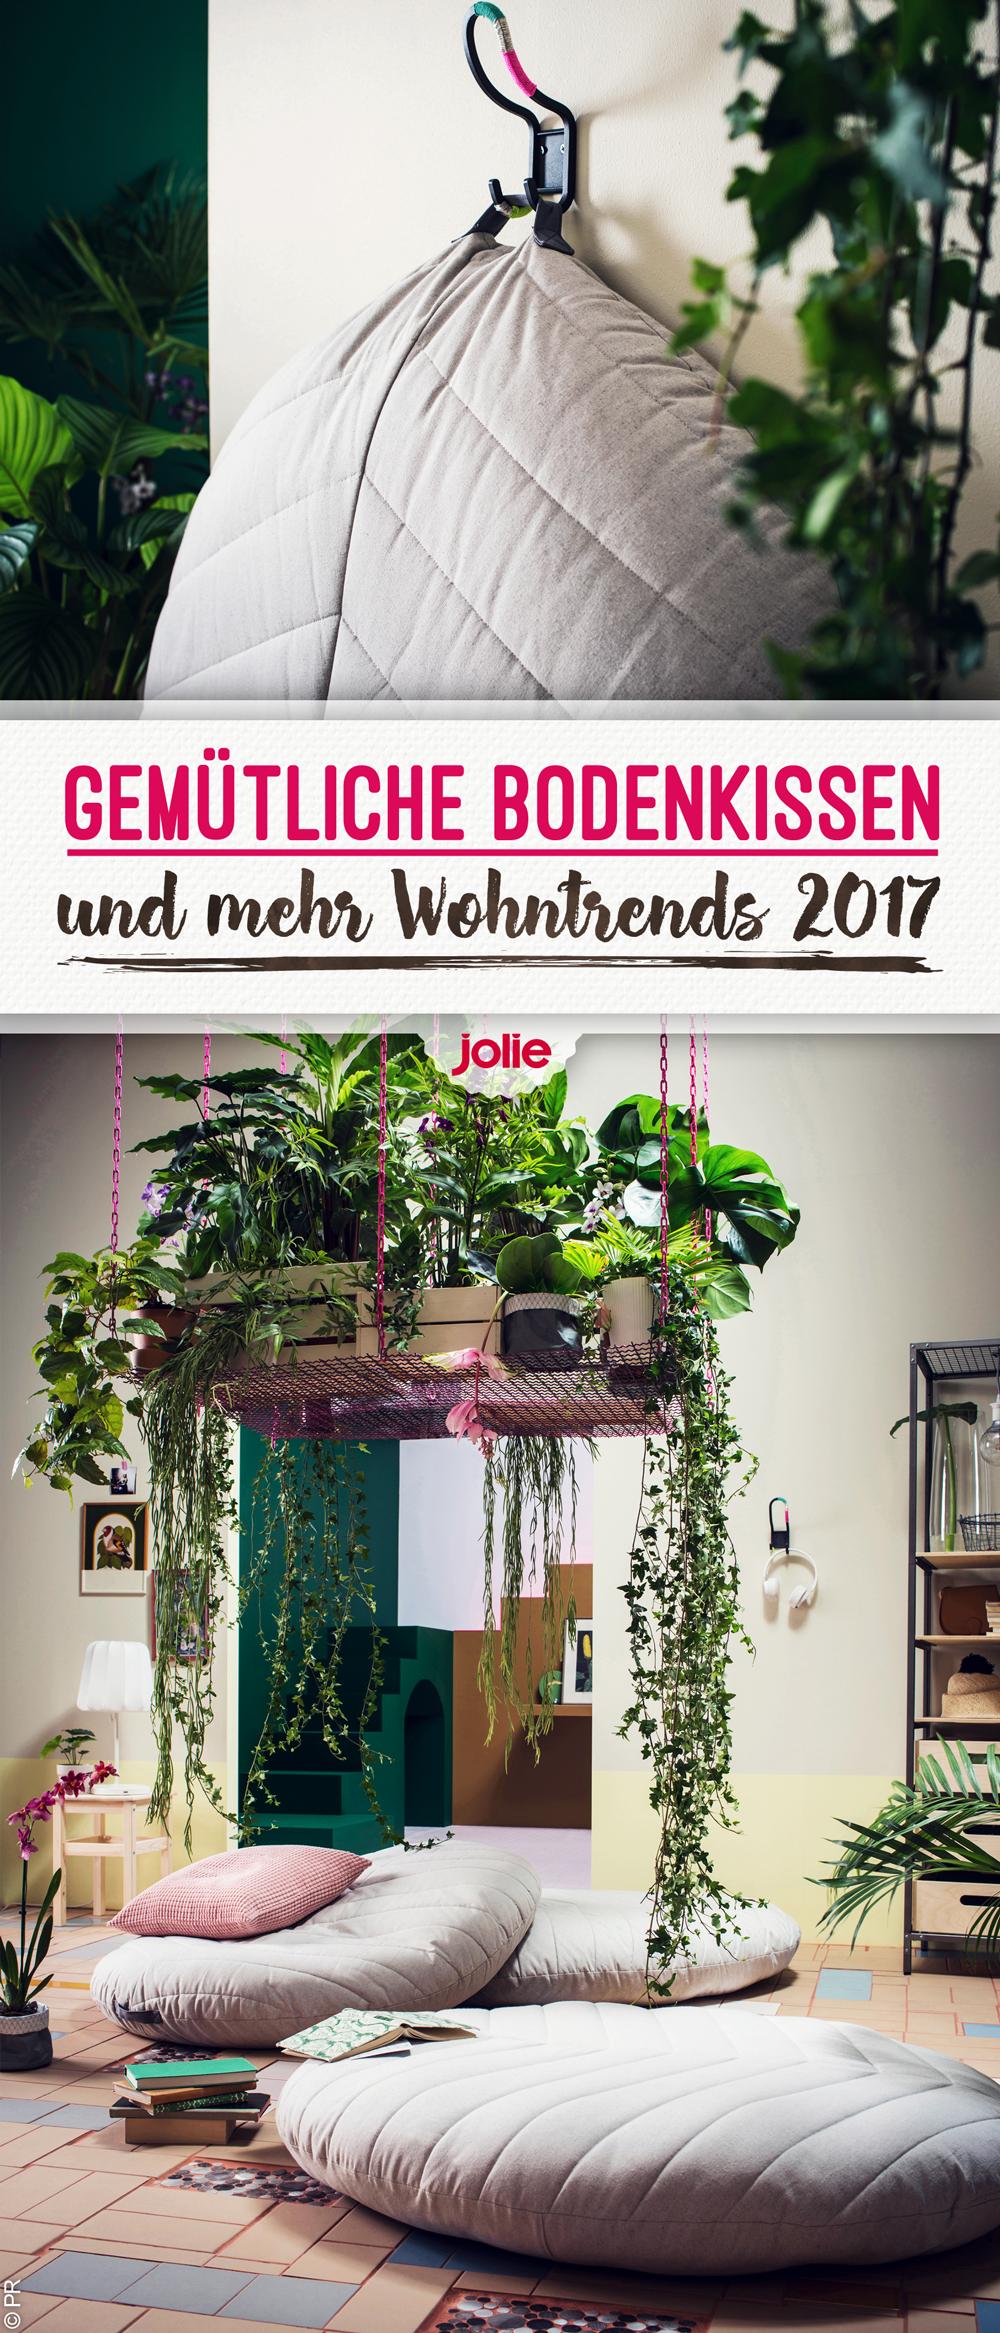 Wohntrends 2017: Deko, Möbel, Farben & Co. | Balkon | Bodenkissen ...